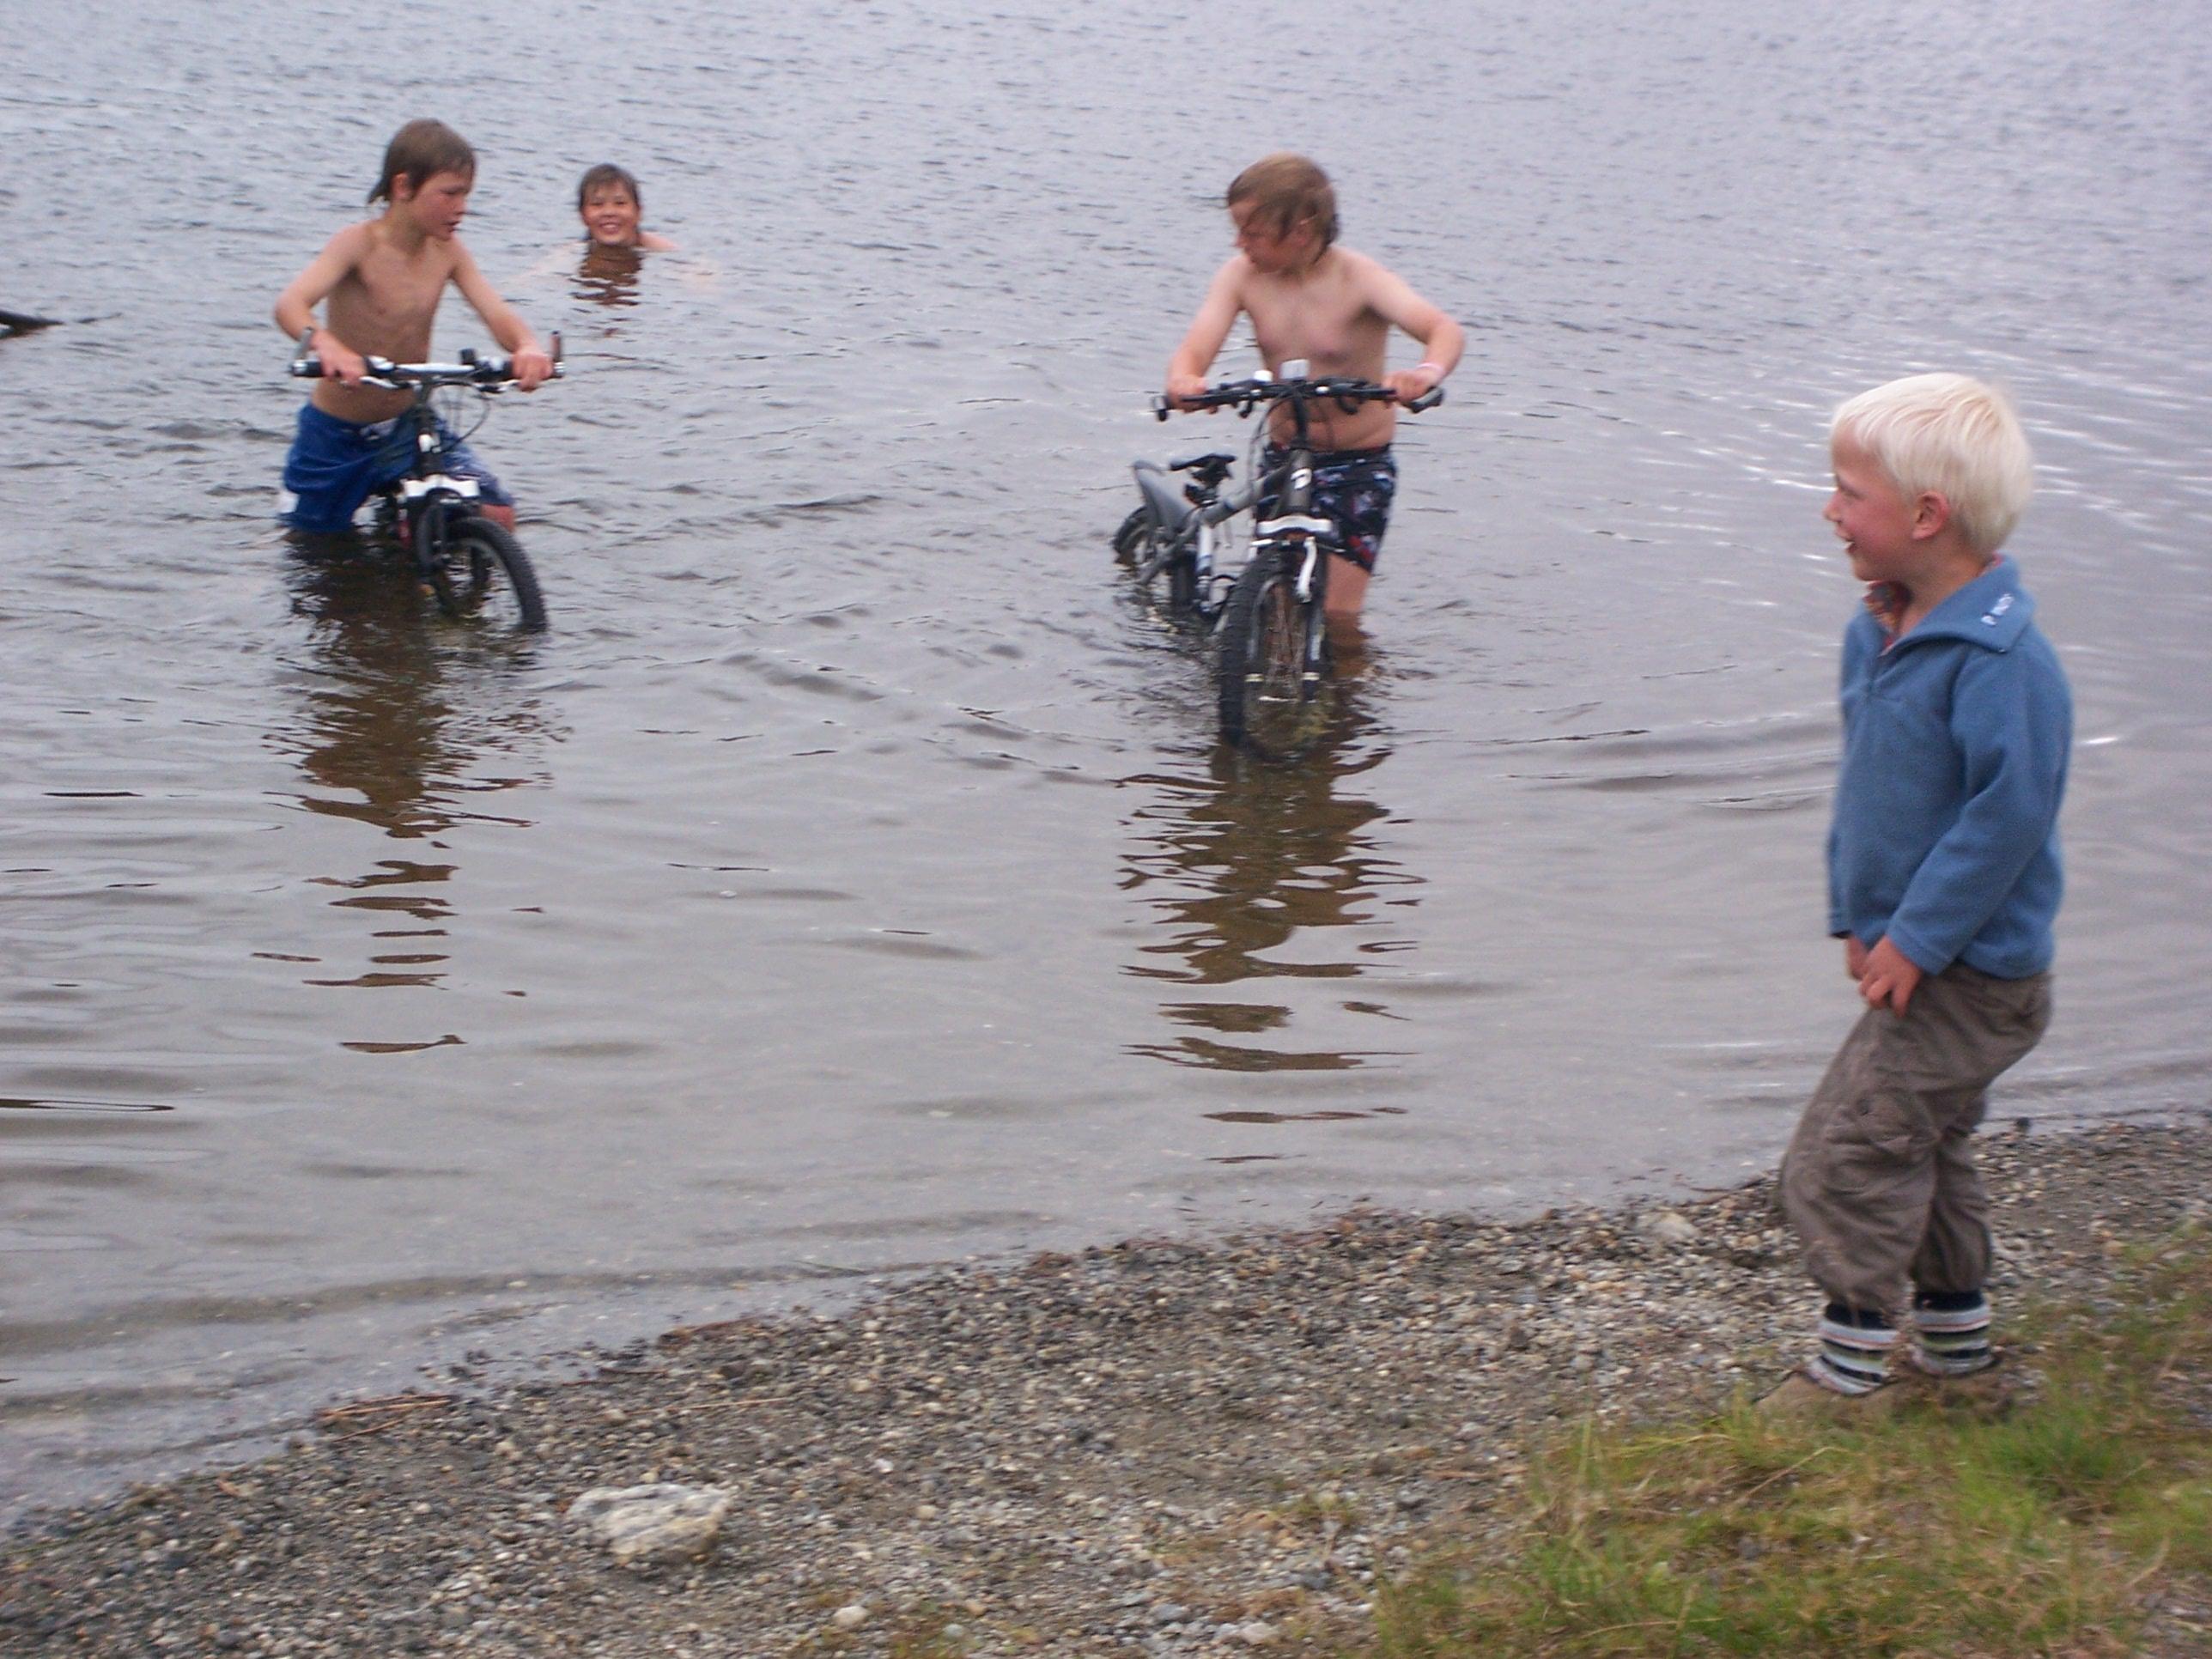 badeplassen Tunnetjern